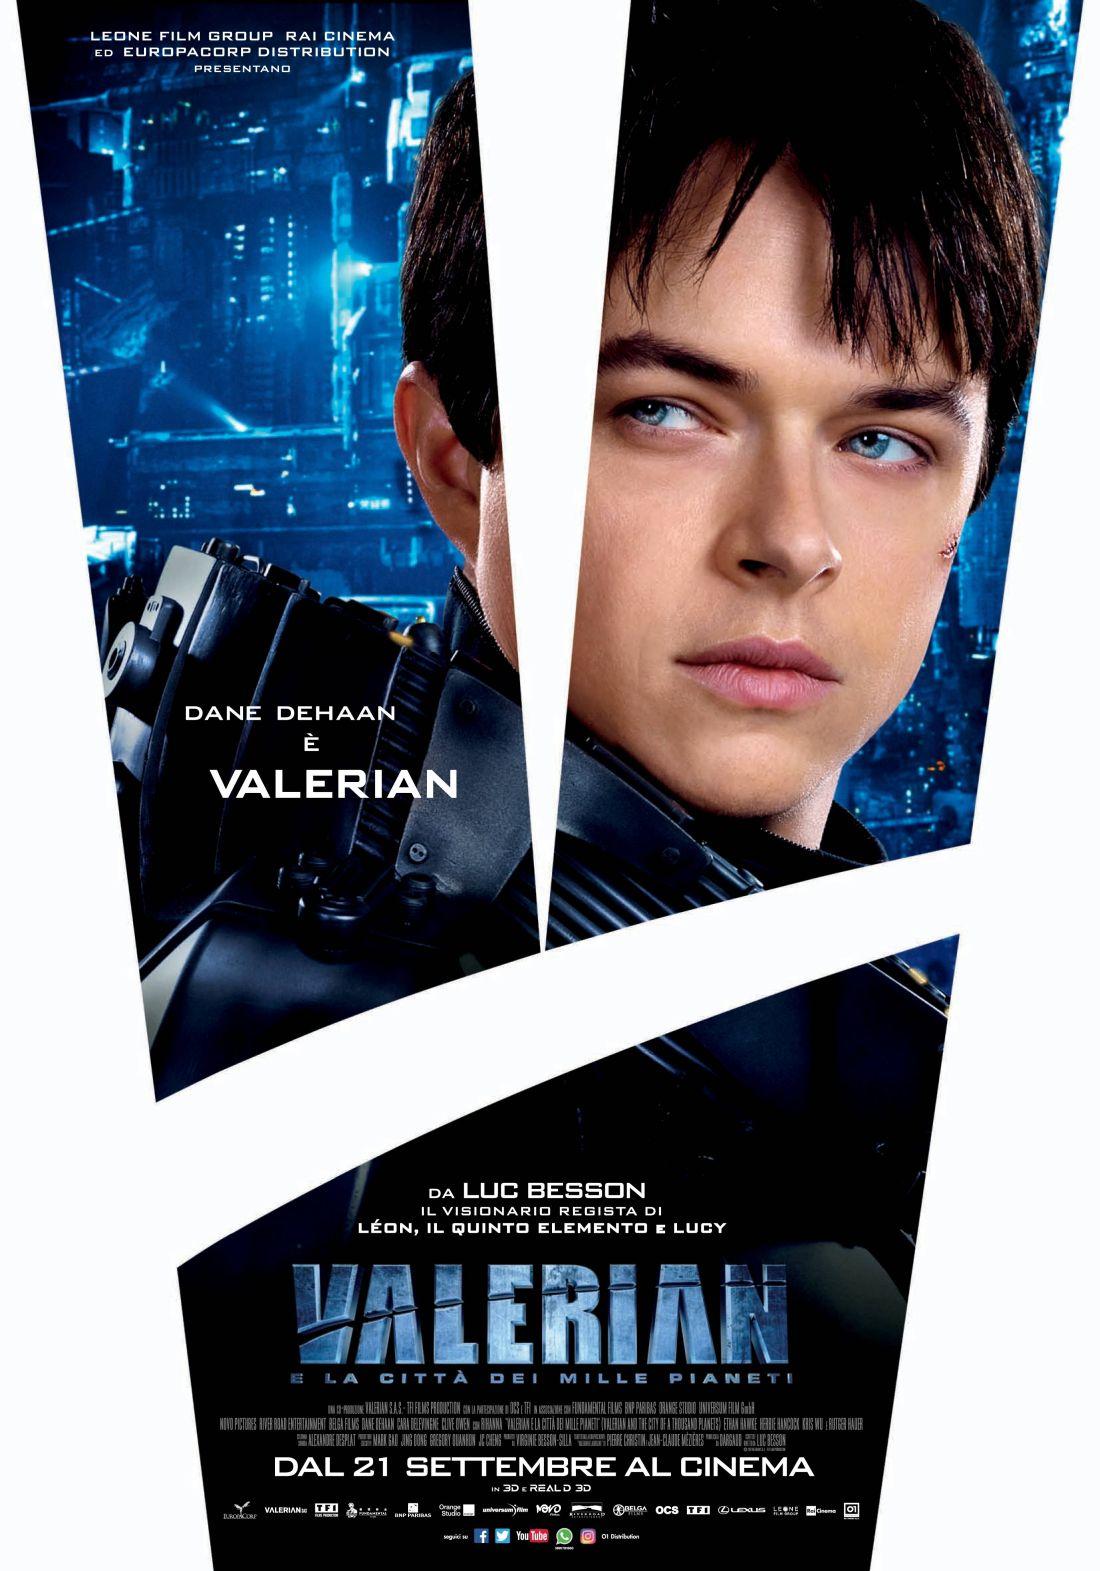 Valerian e la città dei mille pianeti: il character poster di Dane DeHaan